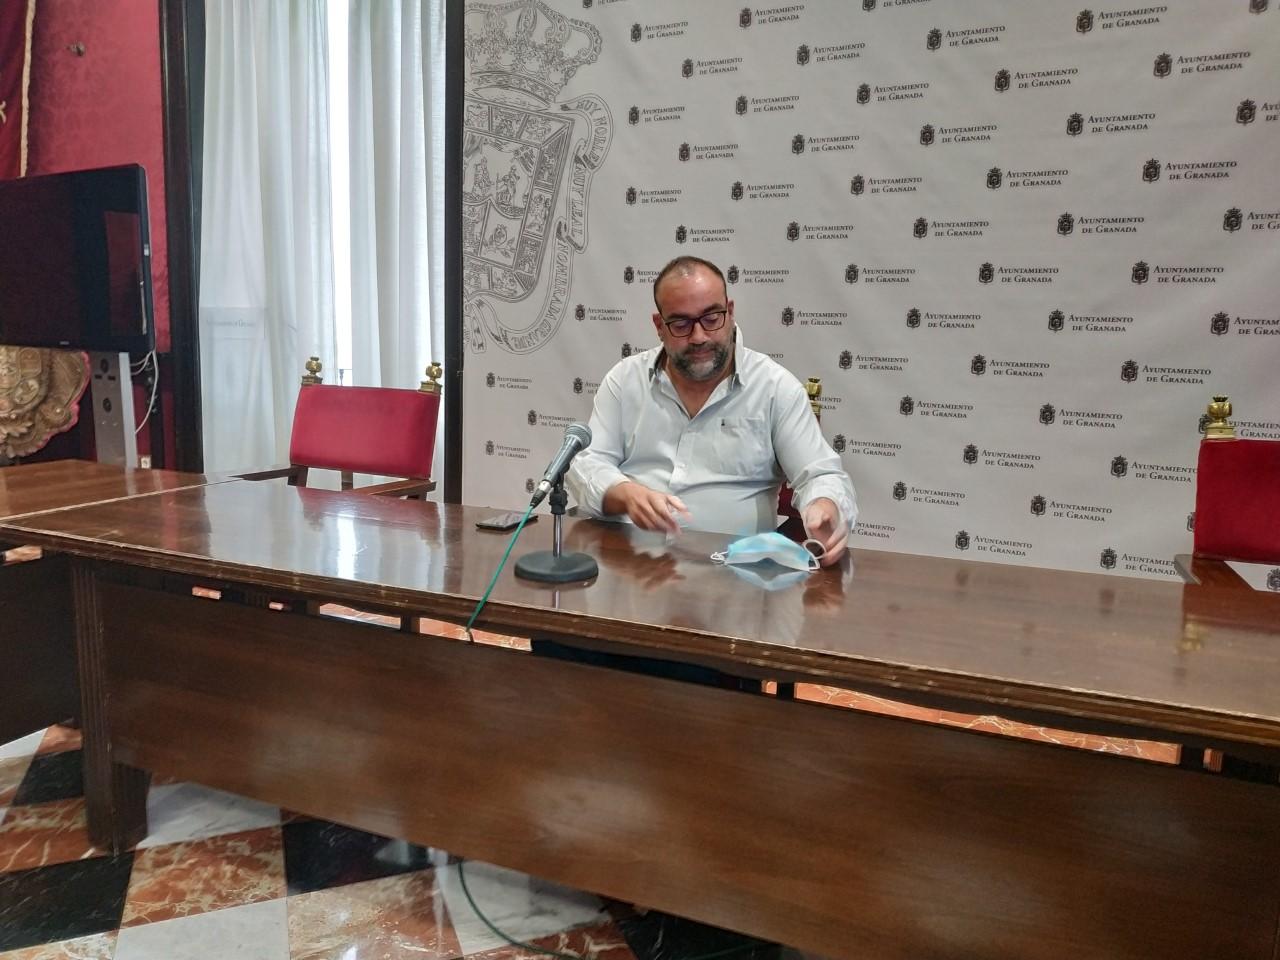 Podemos-IU pide acabar con la duplicidad de cargos directivos en Emucesa, lo que ahorraría más de 100.000 euros al año